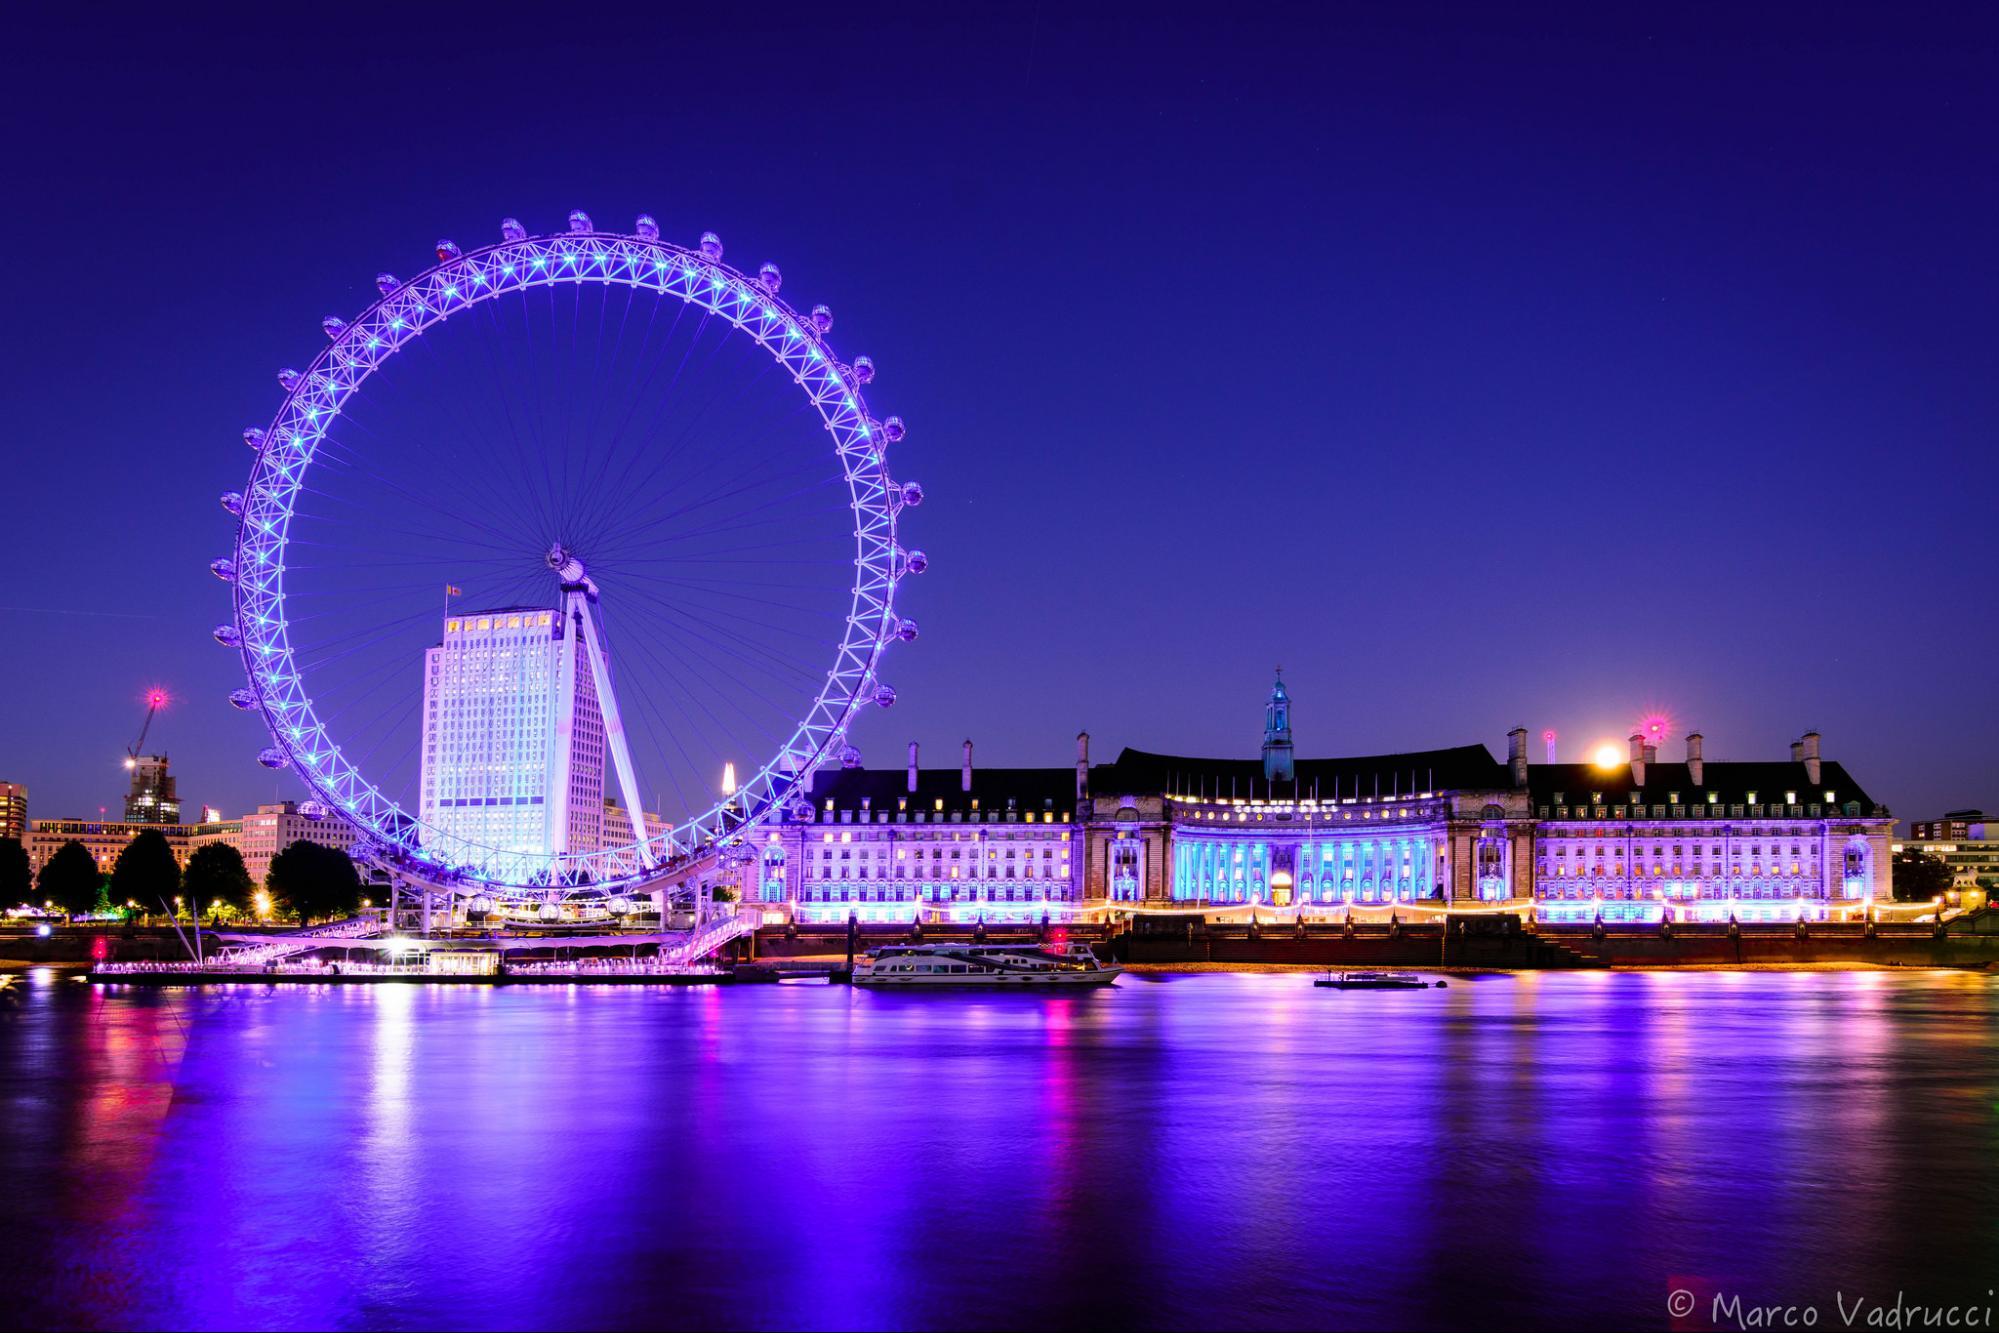 Vong xoay London Eye, Anh - Địa điểm tham quan du lịch ở Châu Âu